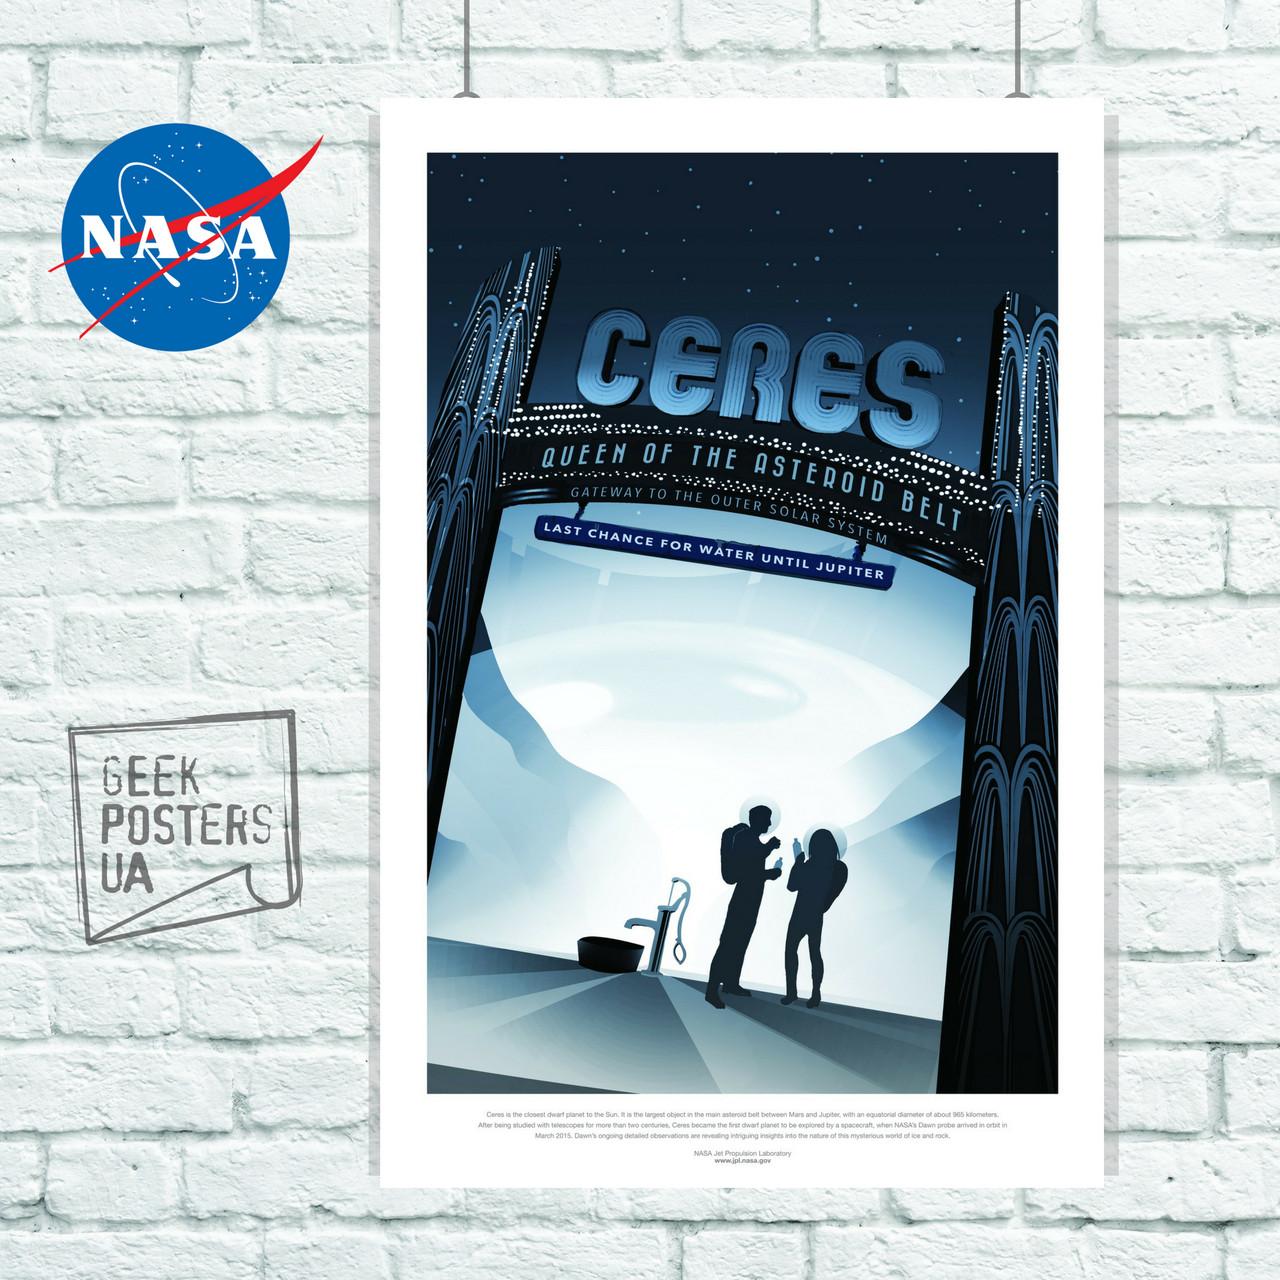 Постер НАСА, NASA, Ceres. Размер 60x40см (A2). Глянцевая бумага